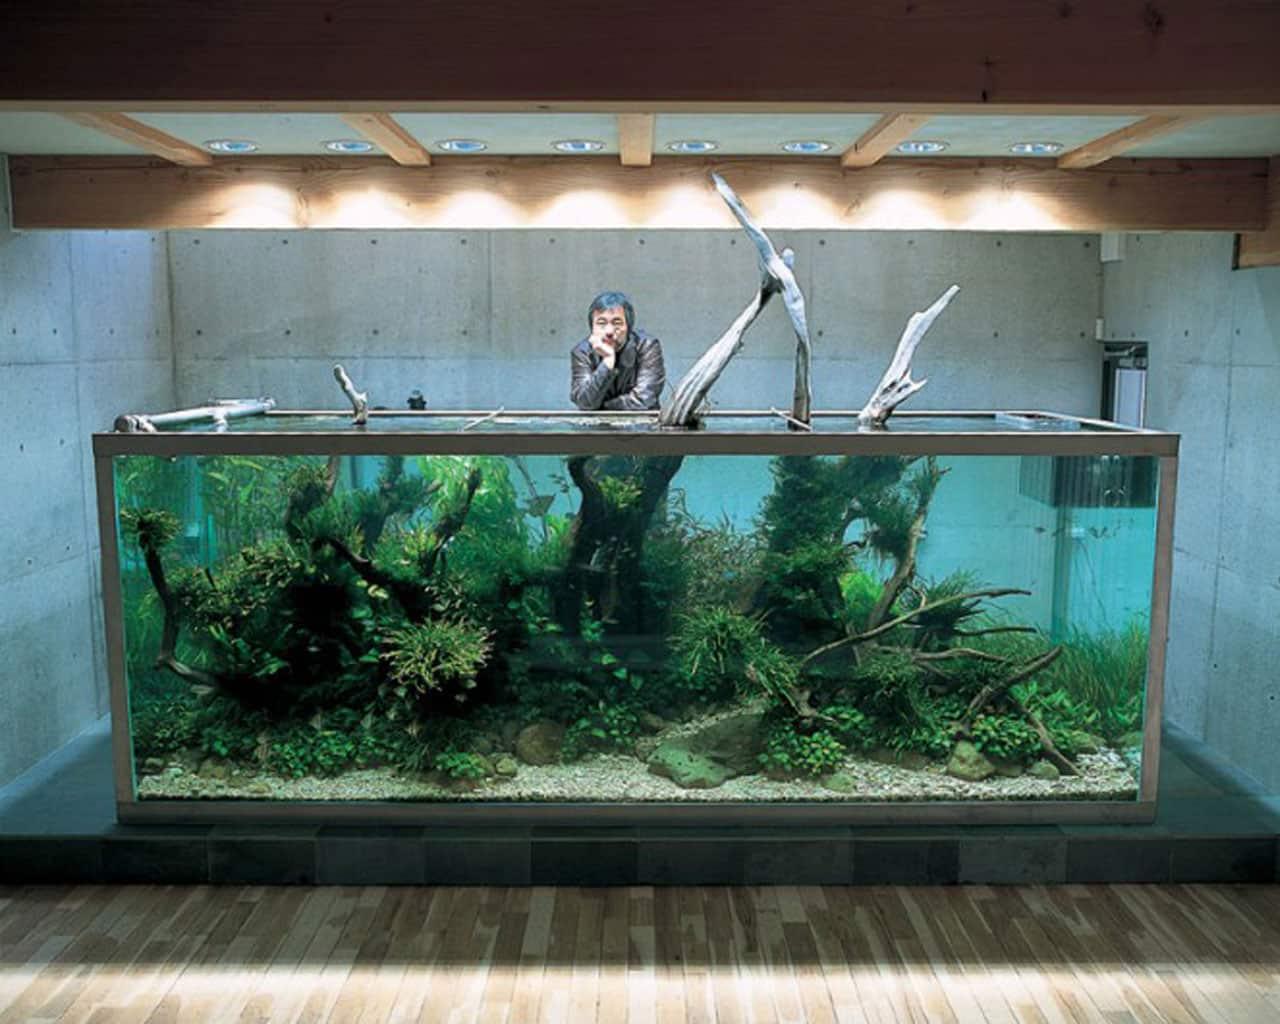 Morre o precursor do aquapaisagismo Takashi Amano. • Morre o precursor do aquapaisagismo, Takashi Amano.